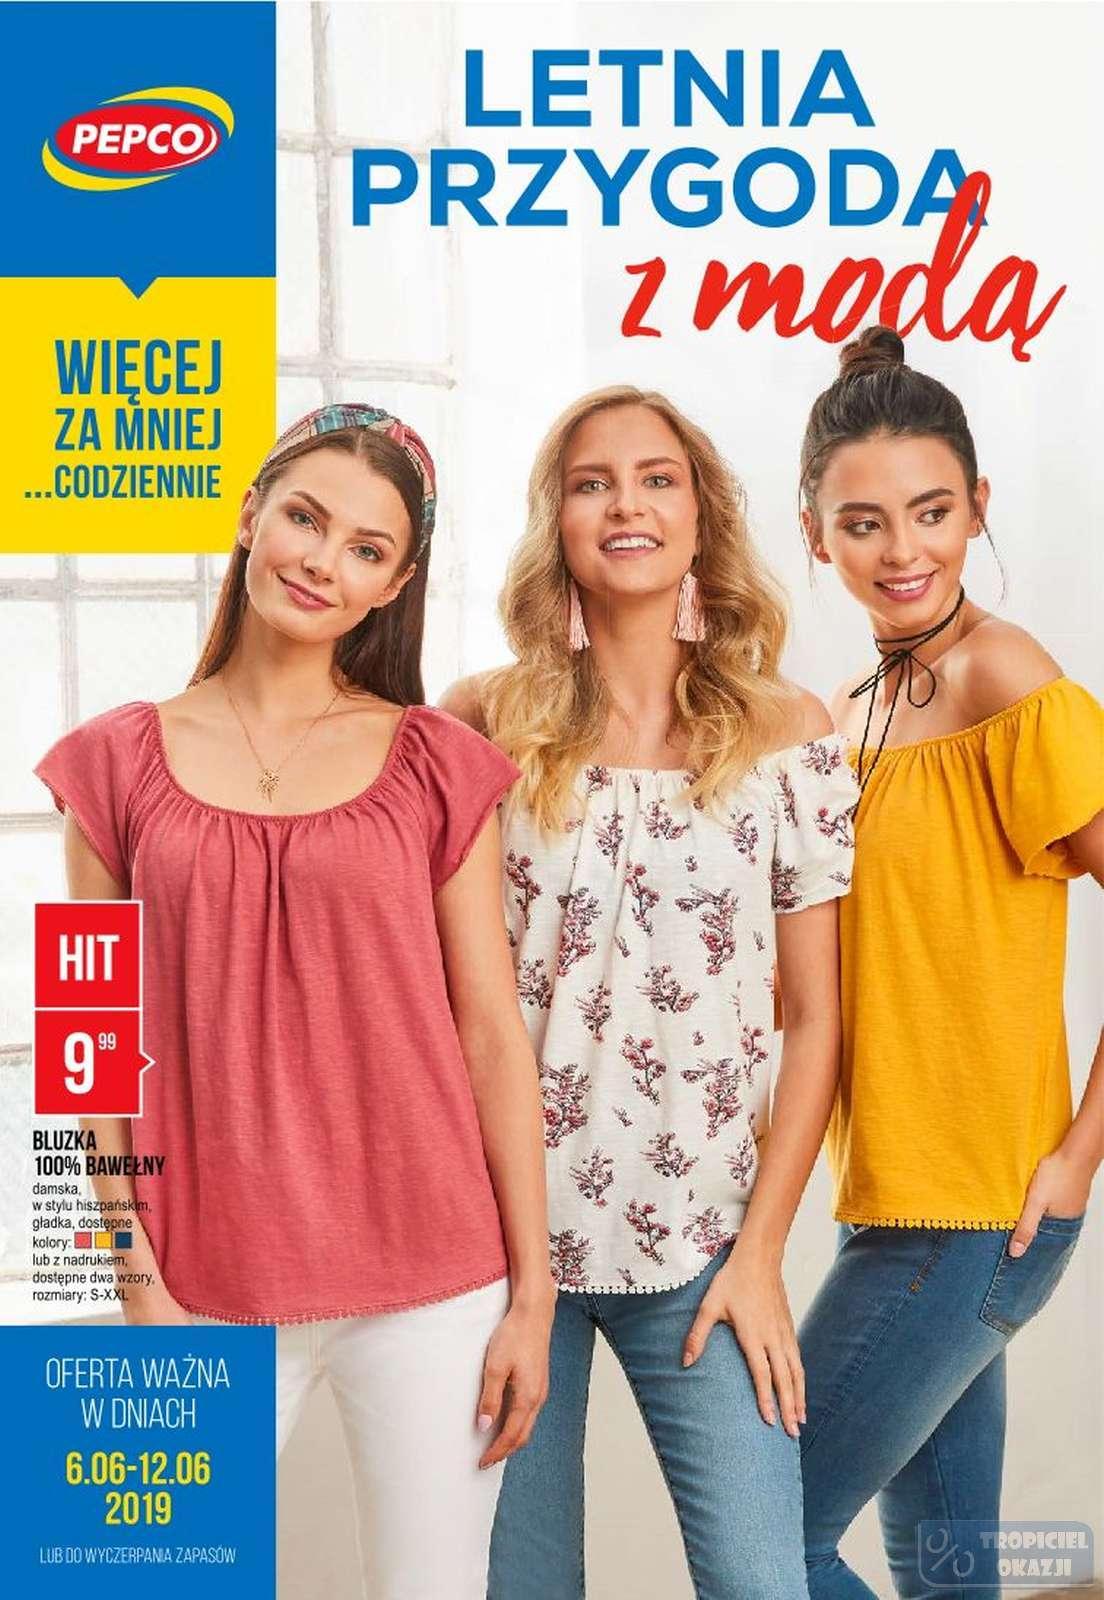 Gazetka promocyjna Pepco do 12/06/2019 str.0